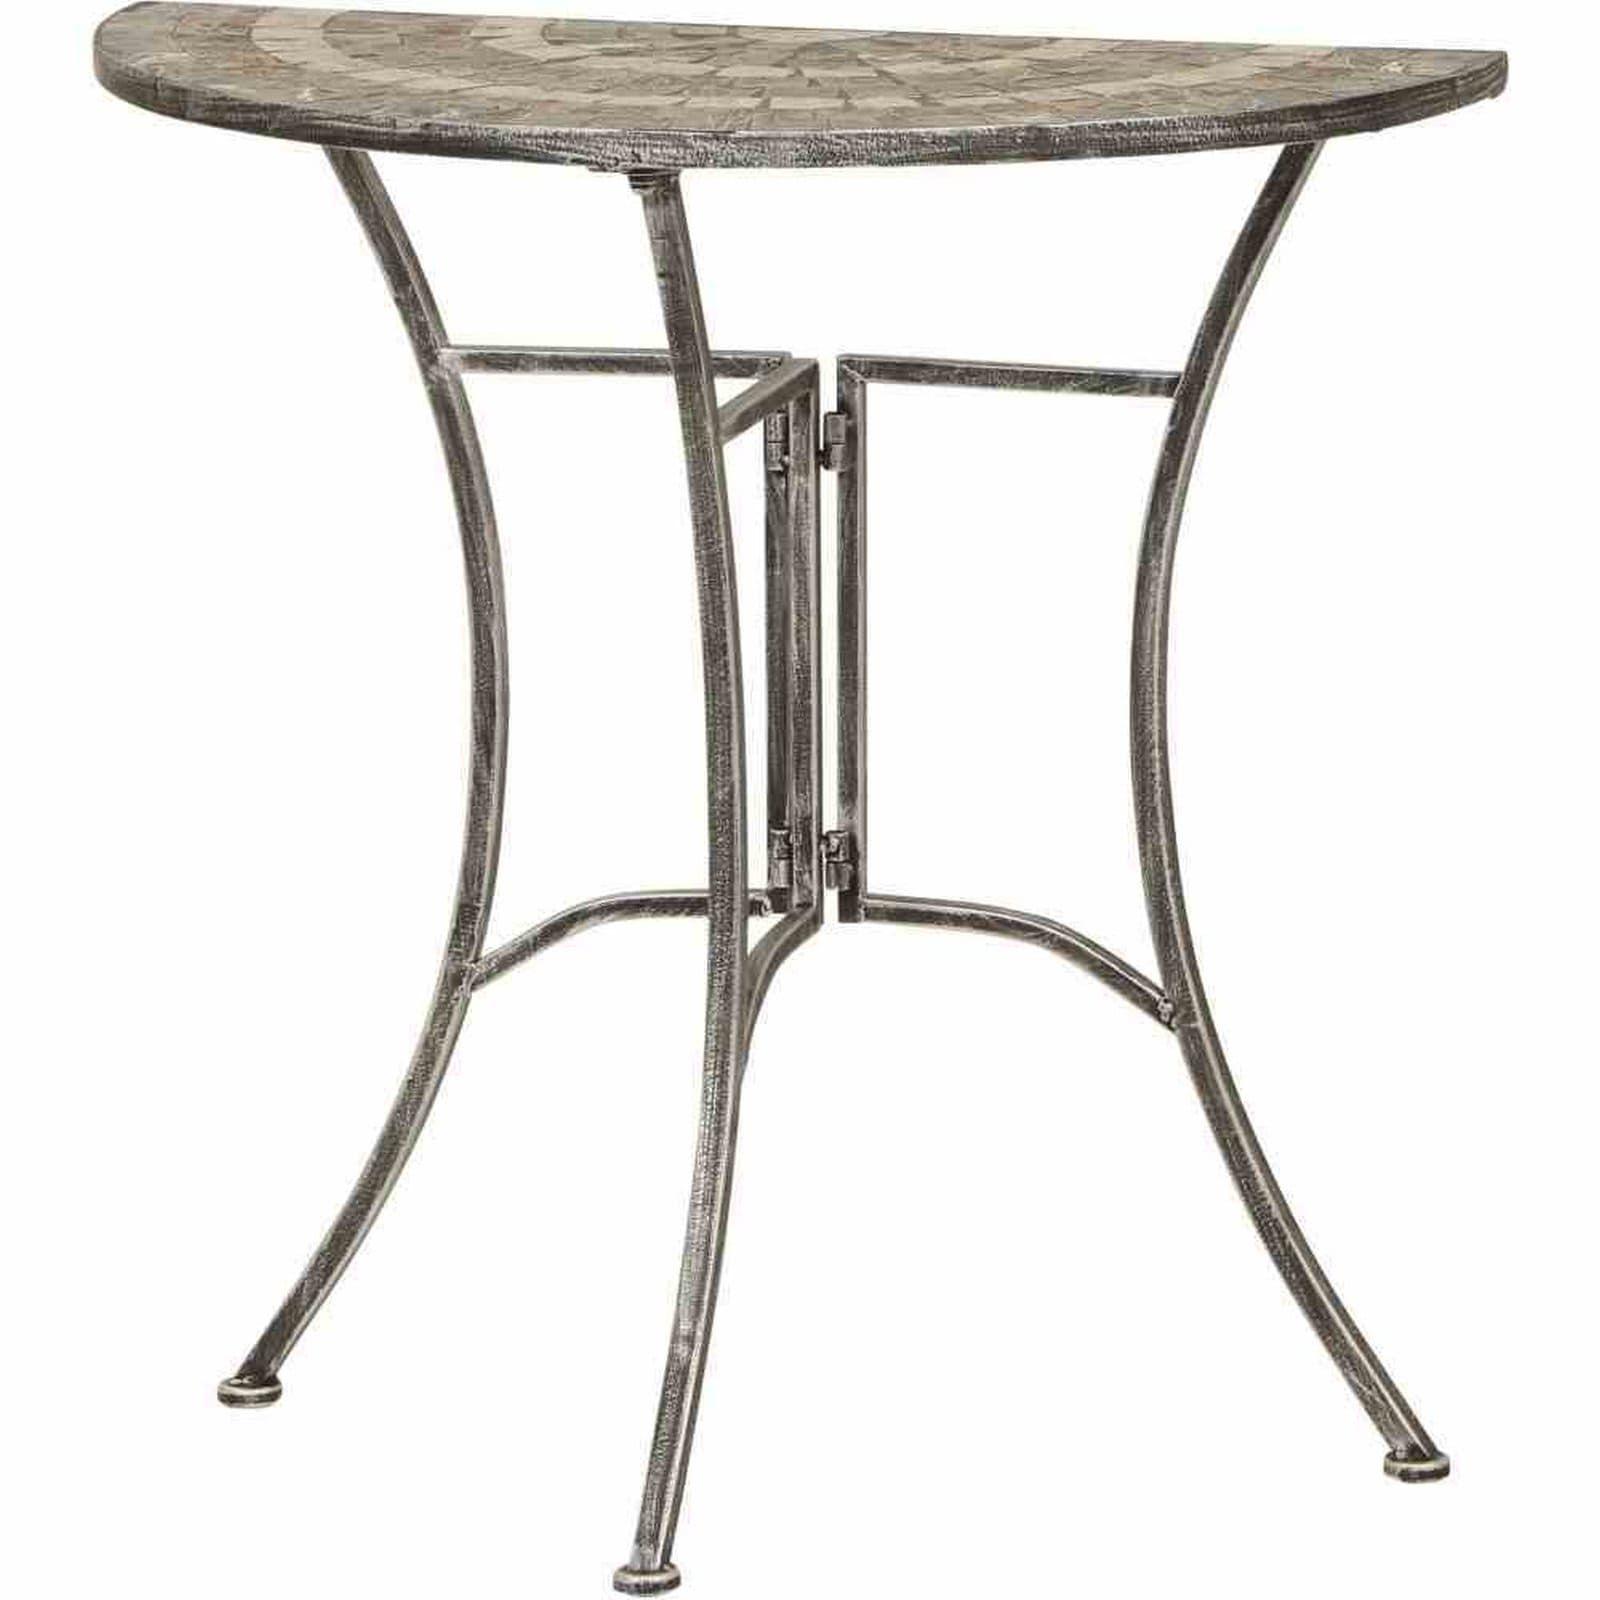 59 Gartentisch Felina Silber Schwarz Mosaik Halbrund Gartentische Gartenmobel Garten Roller Mobelhaus Halber Tisch Gartentisch Eisentisch